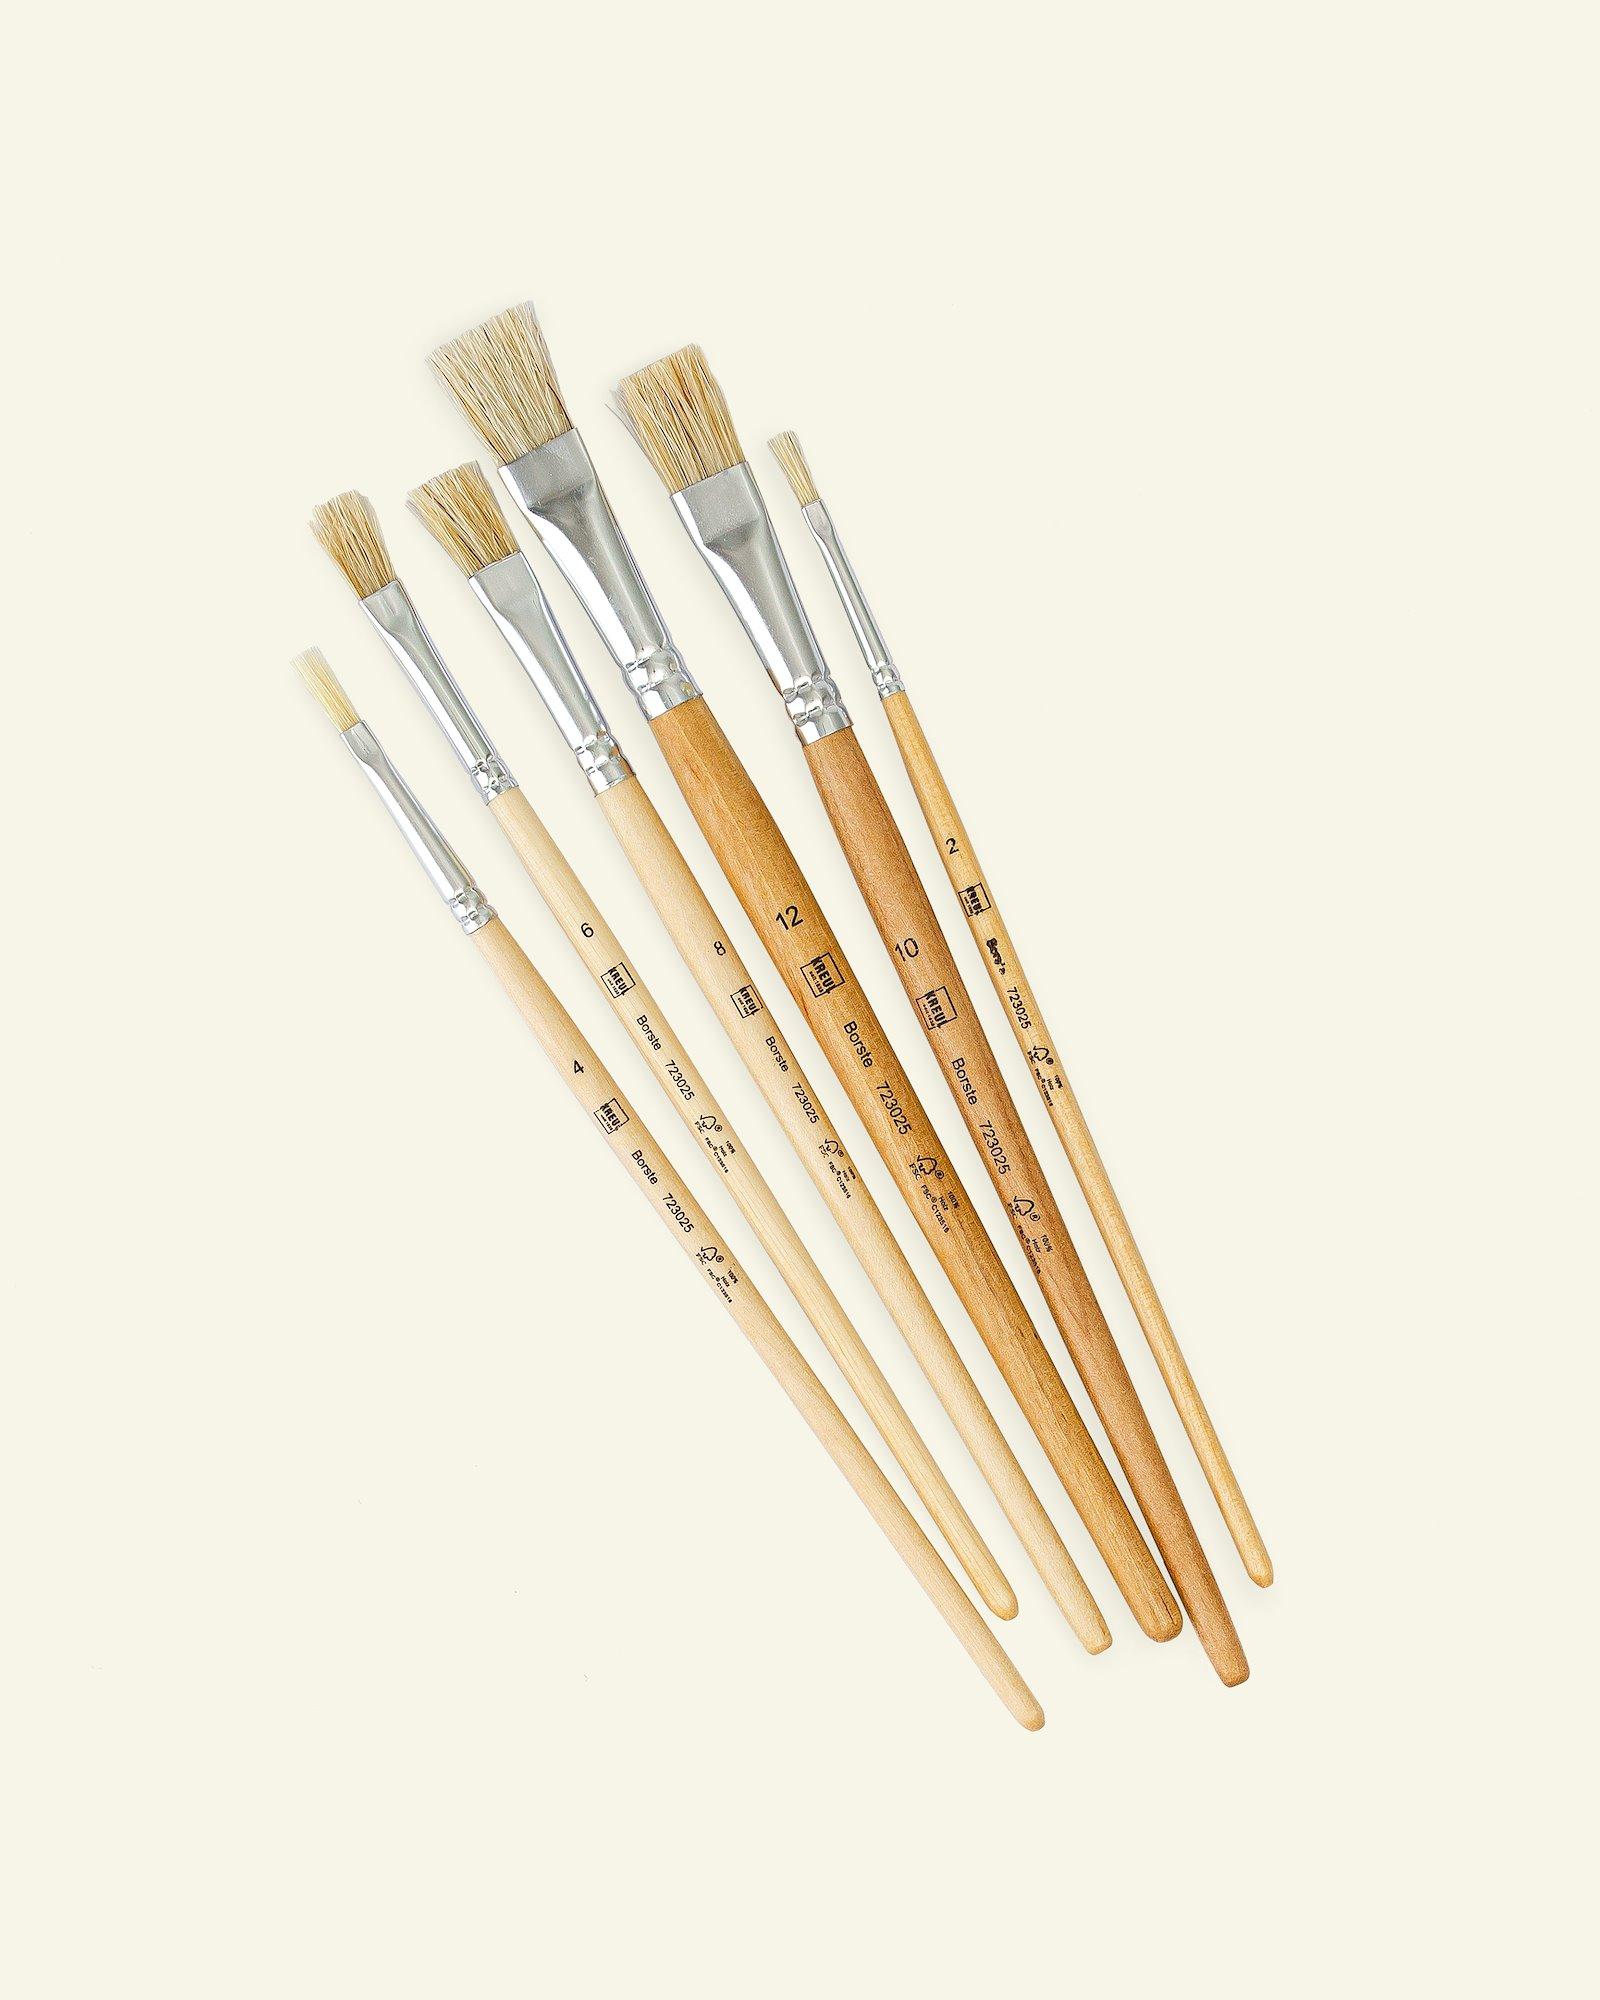 Kreul universal Brush Bristle flat 6pcs